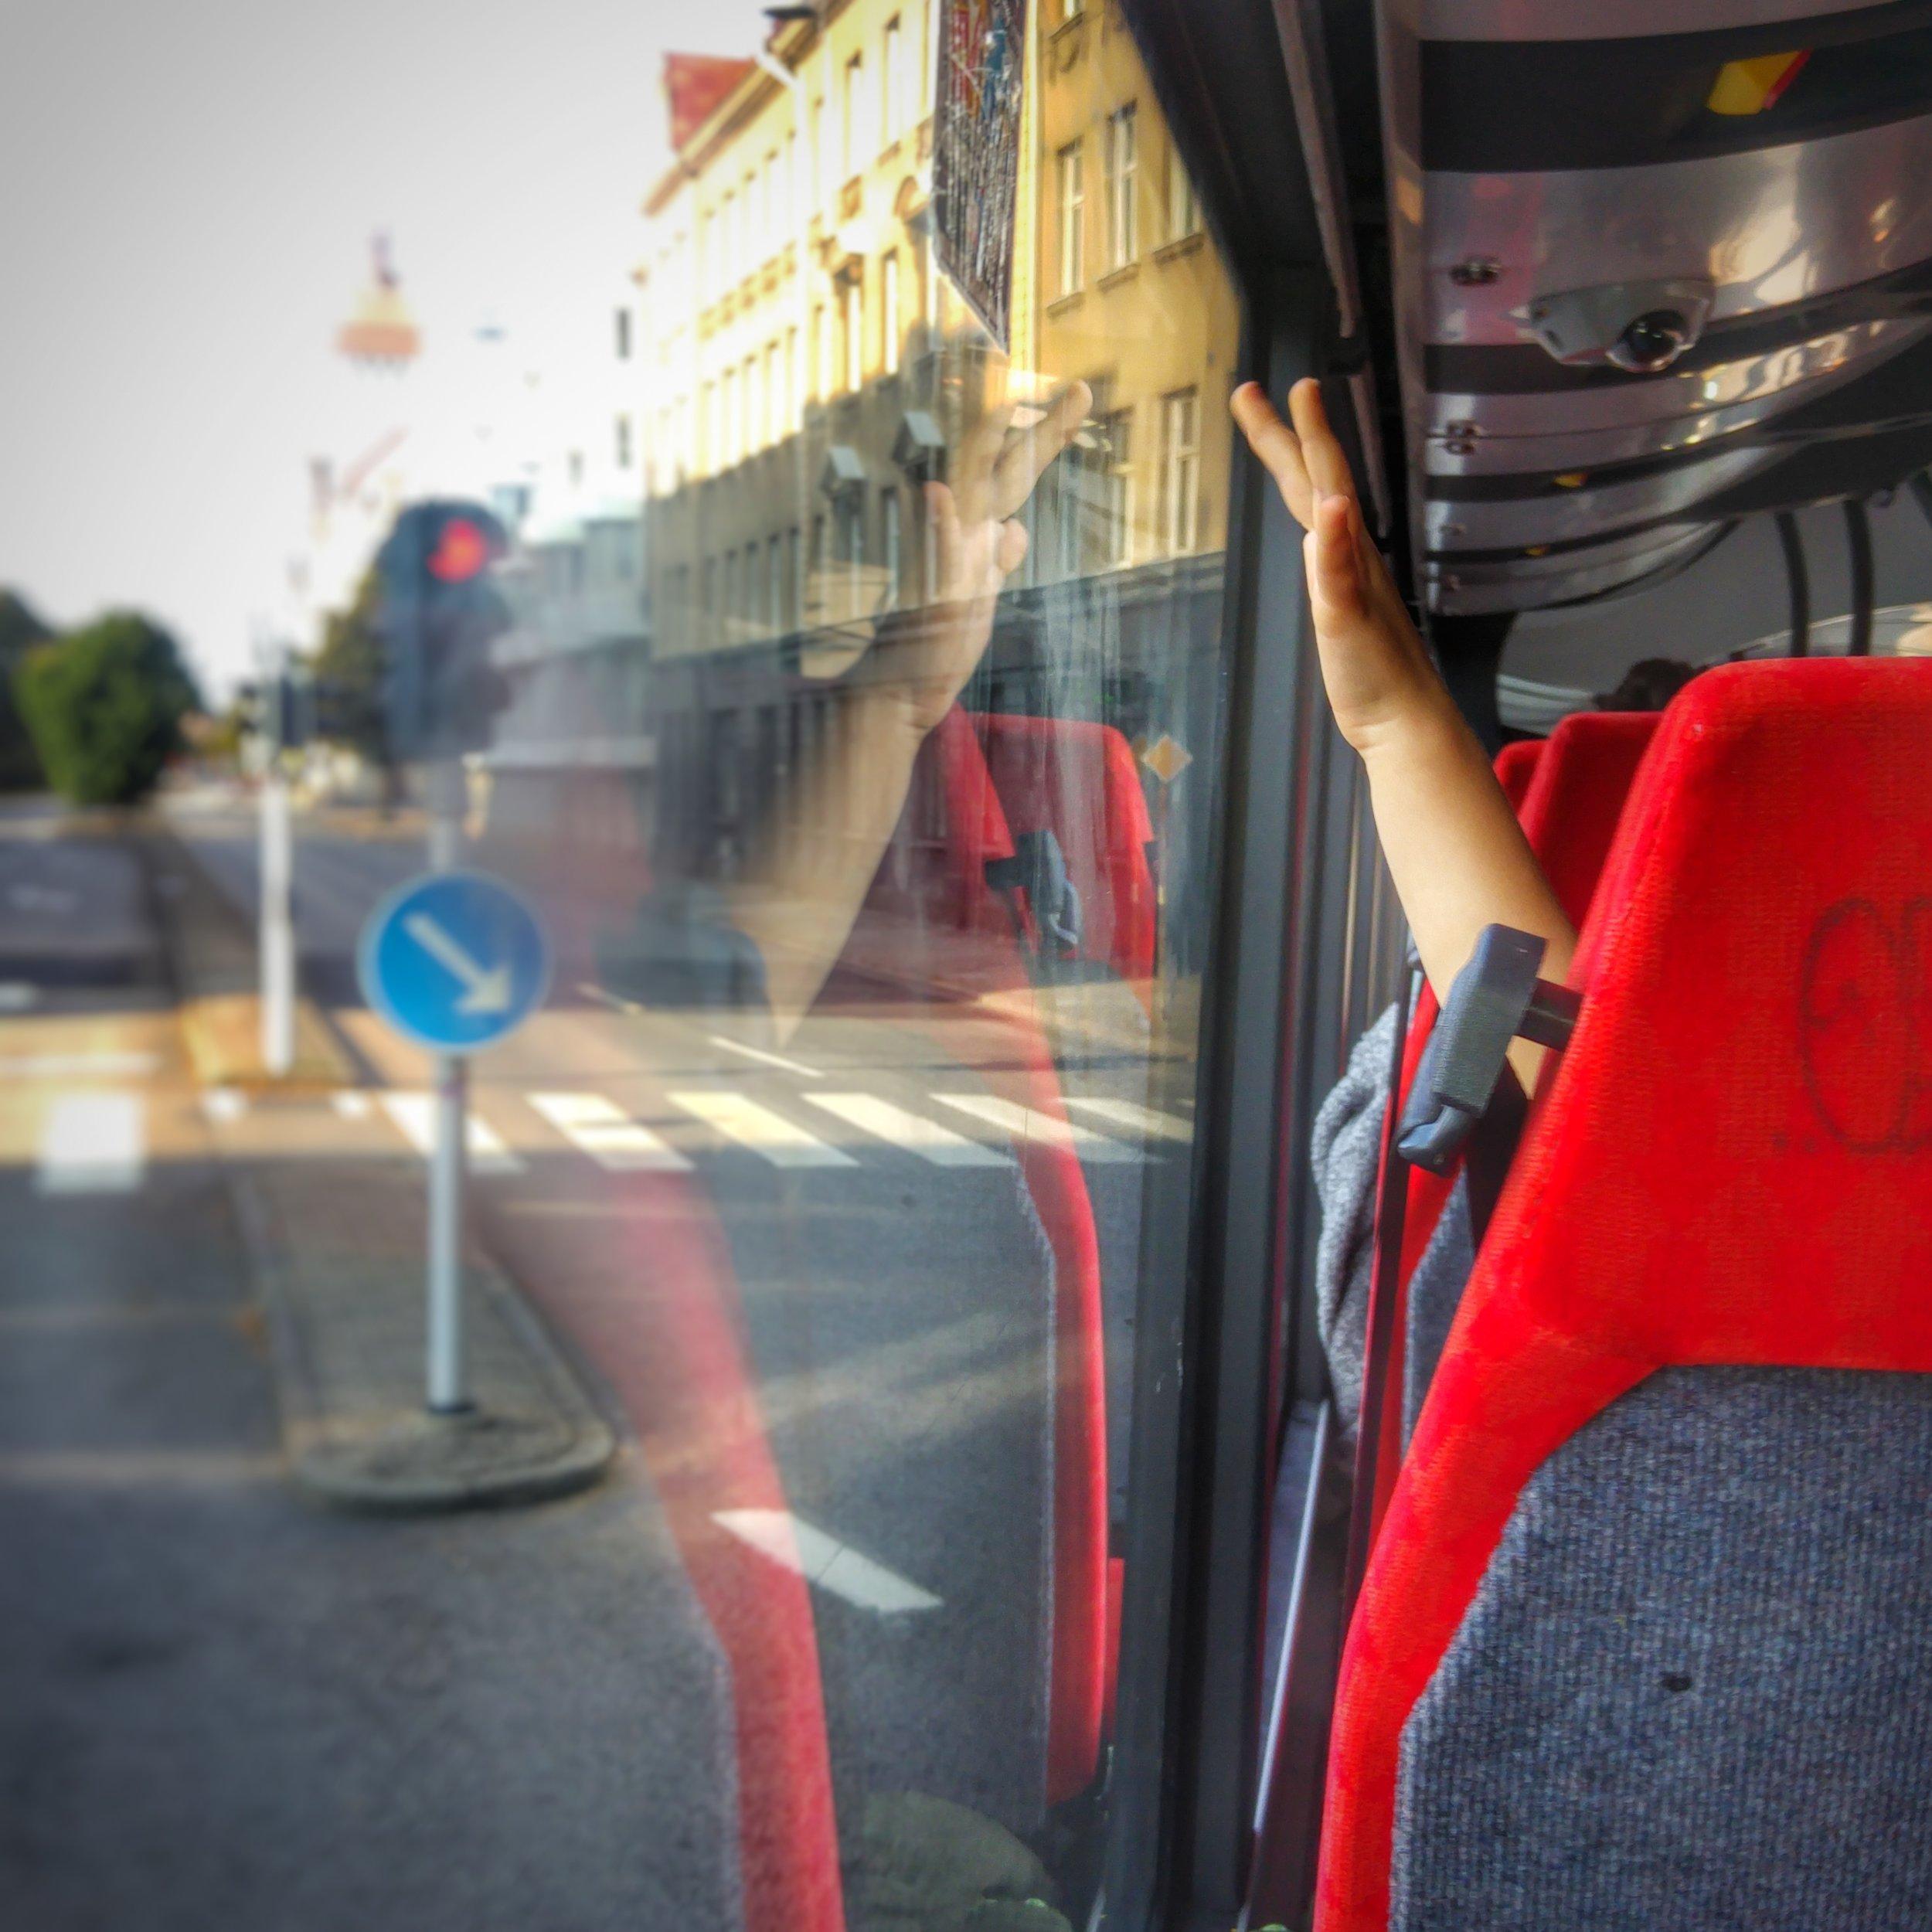 September 25 -Day 269: Little Bus Passenger